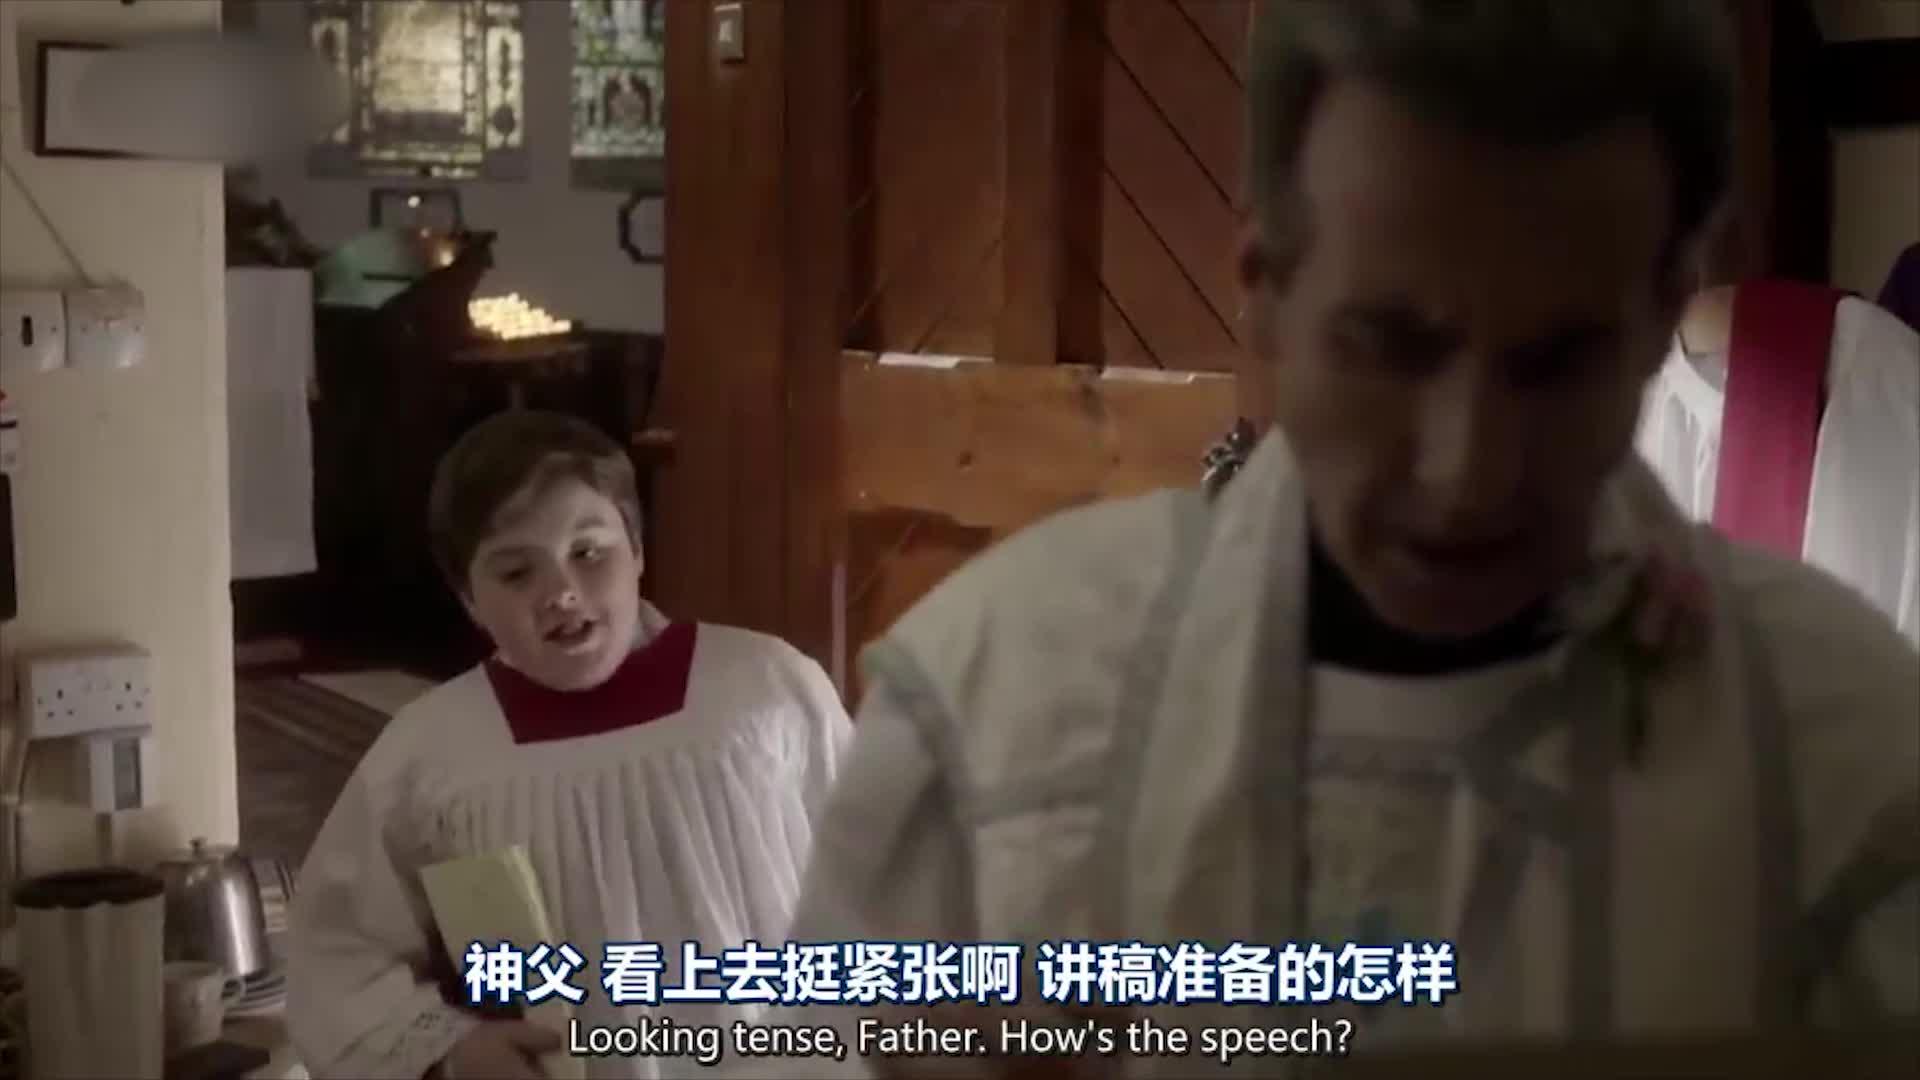 神父正为当伴郎而紧张,胖墩去套近乎,触到霉头